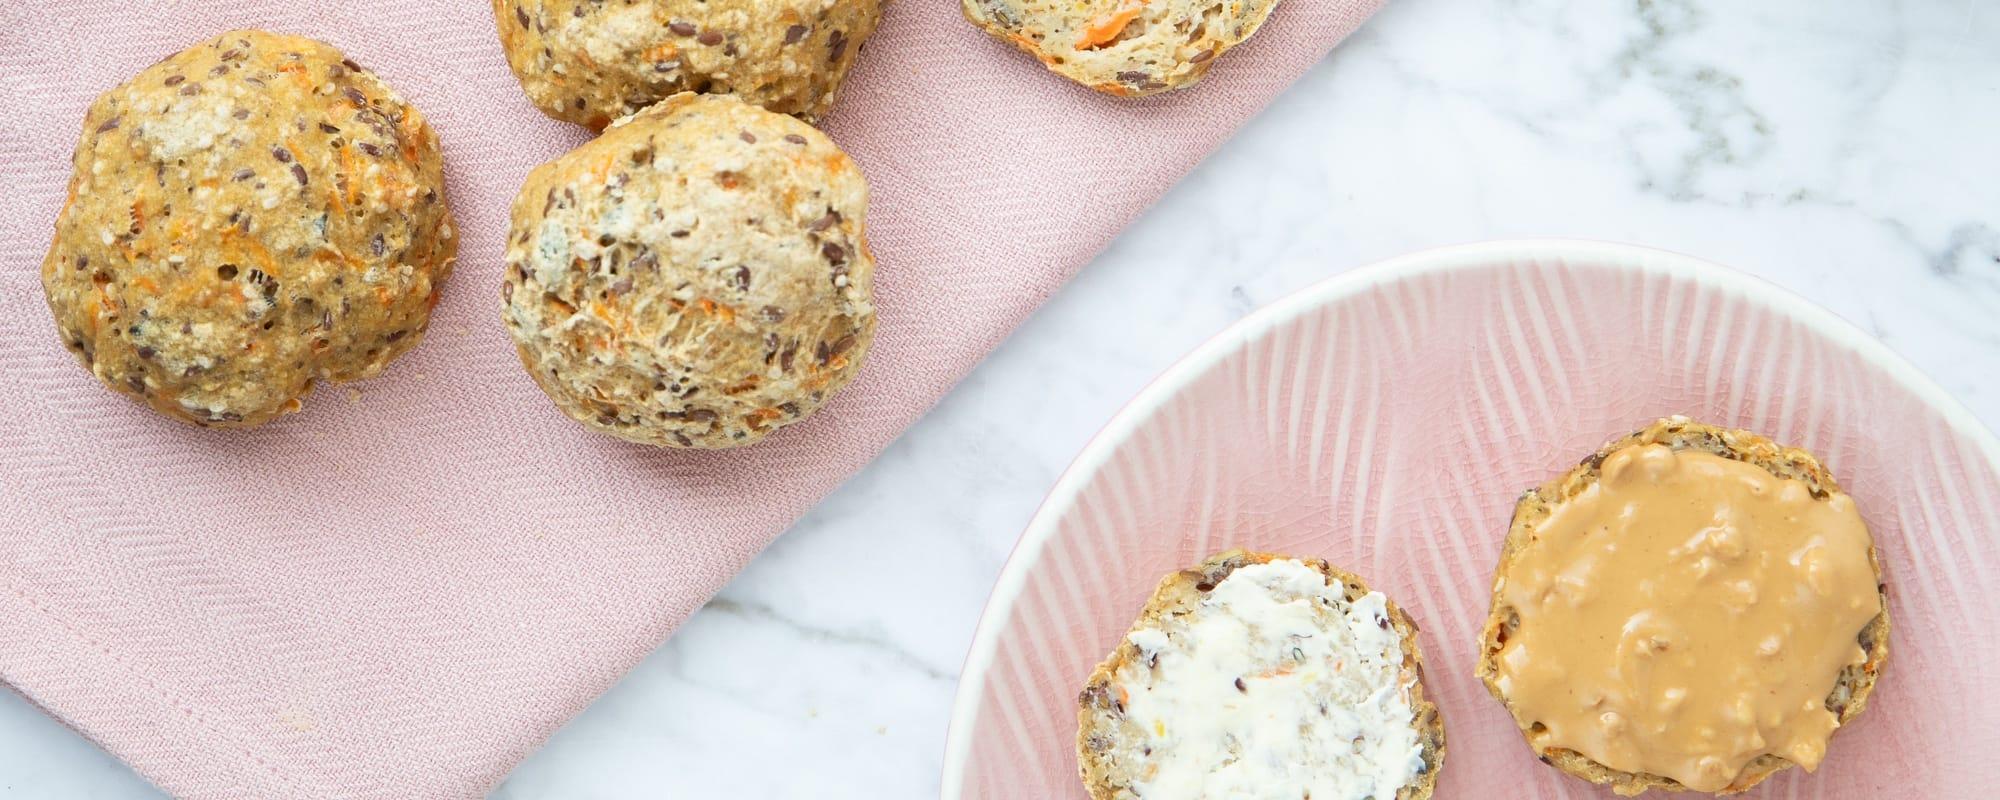 Glutenfrie, koldhævede boller med gulerod